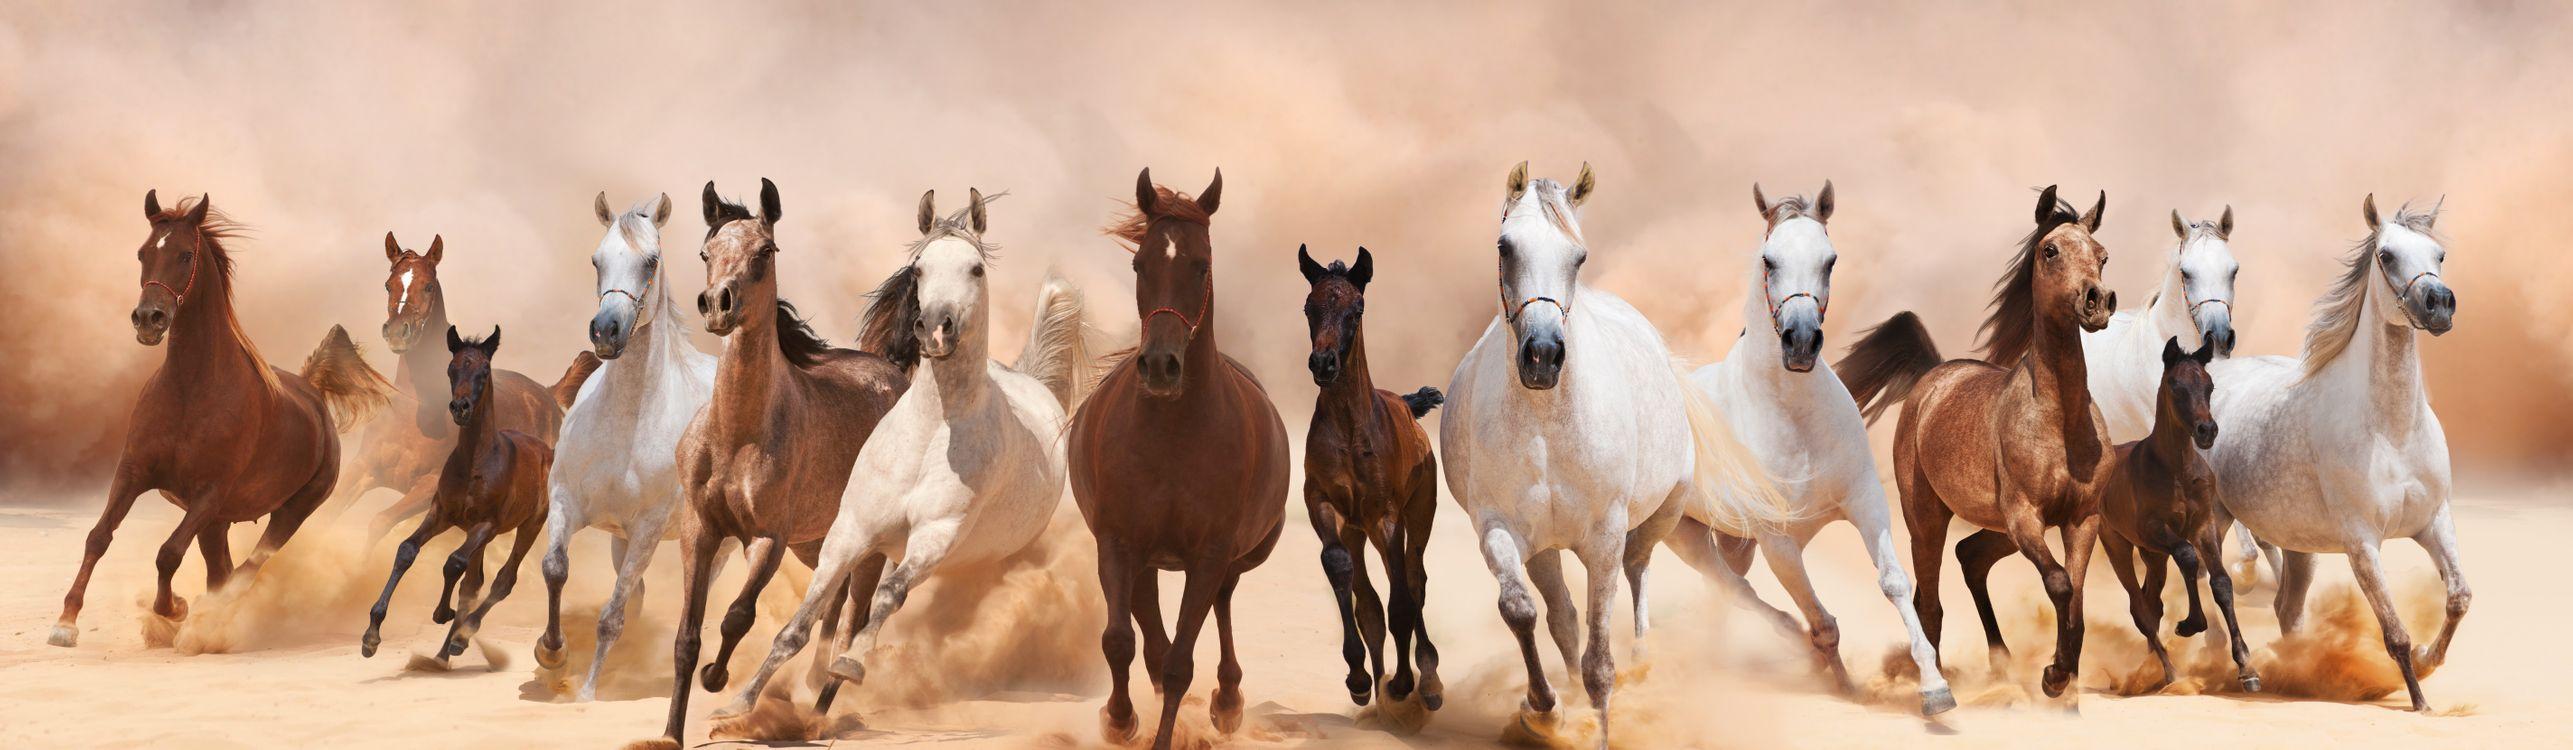 Фото бесплатно лошади, кони, скачки, панорама, животные